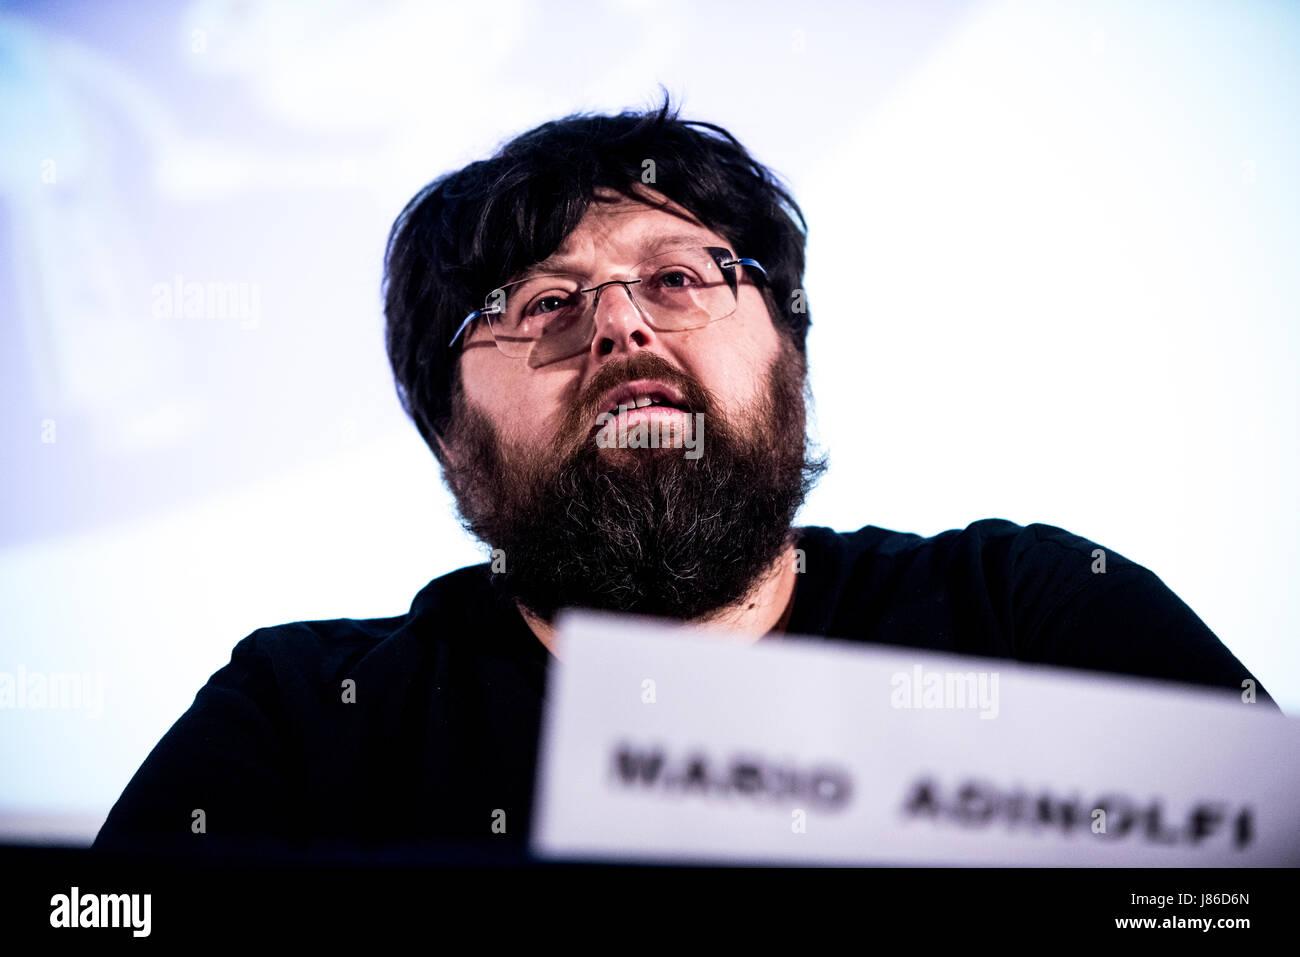 Savigliano, Italia, 27 maggio 2017. La politica italiana e il giornalista Mario Adinolfi colloqui di Savigliano Foto Stock